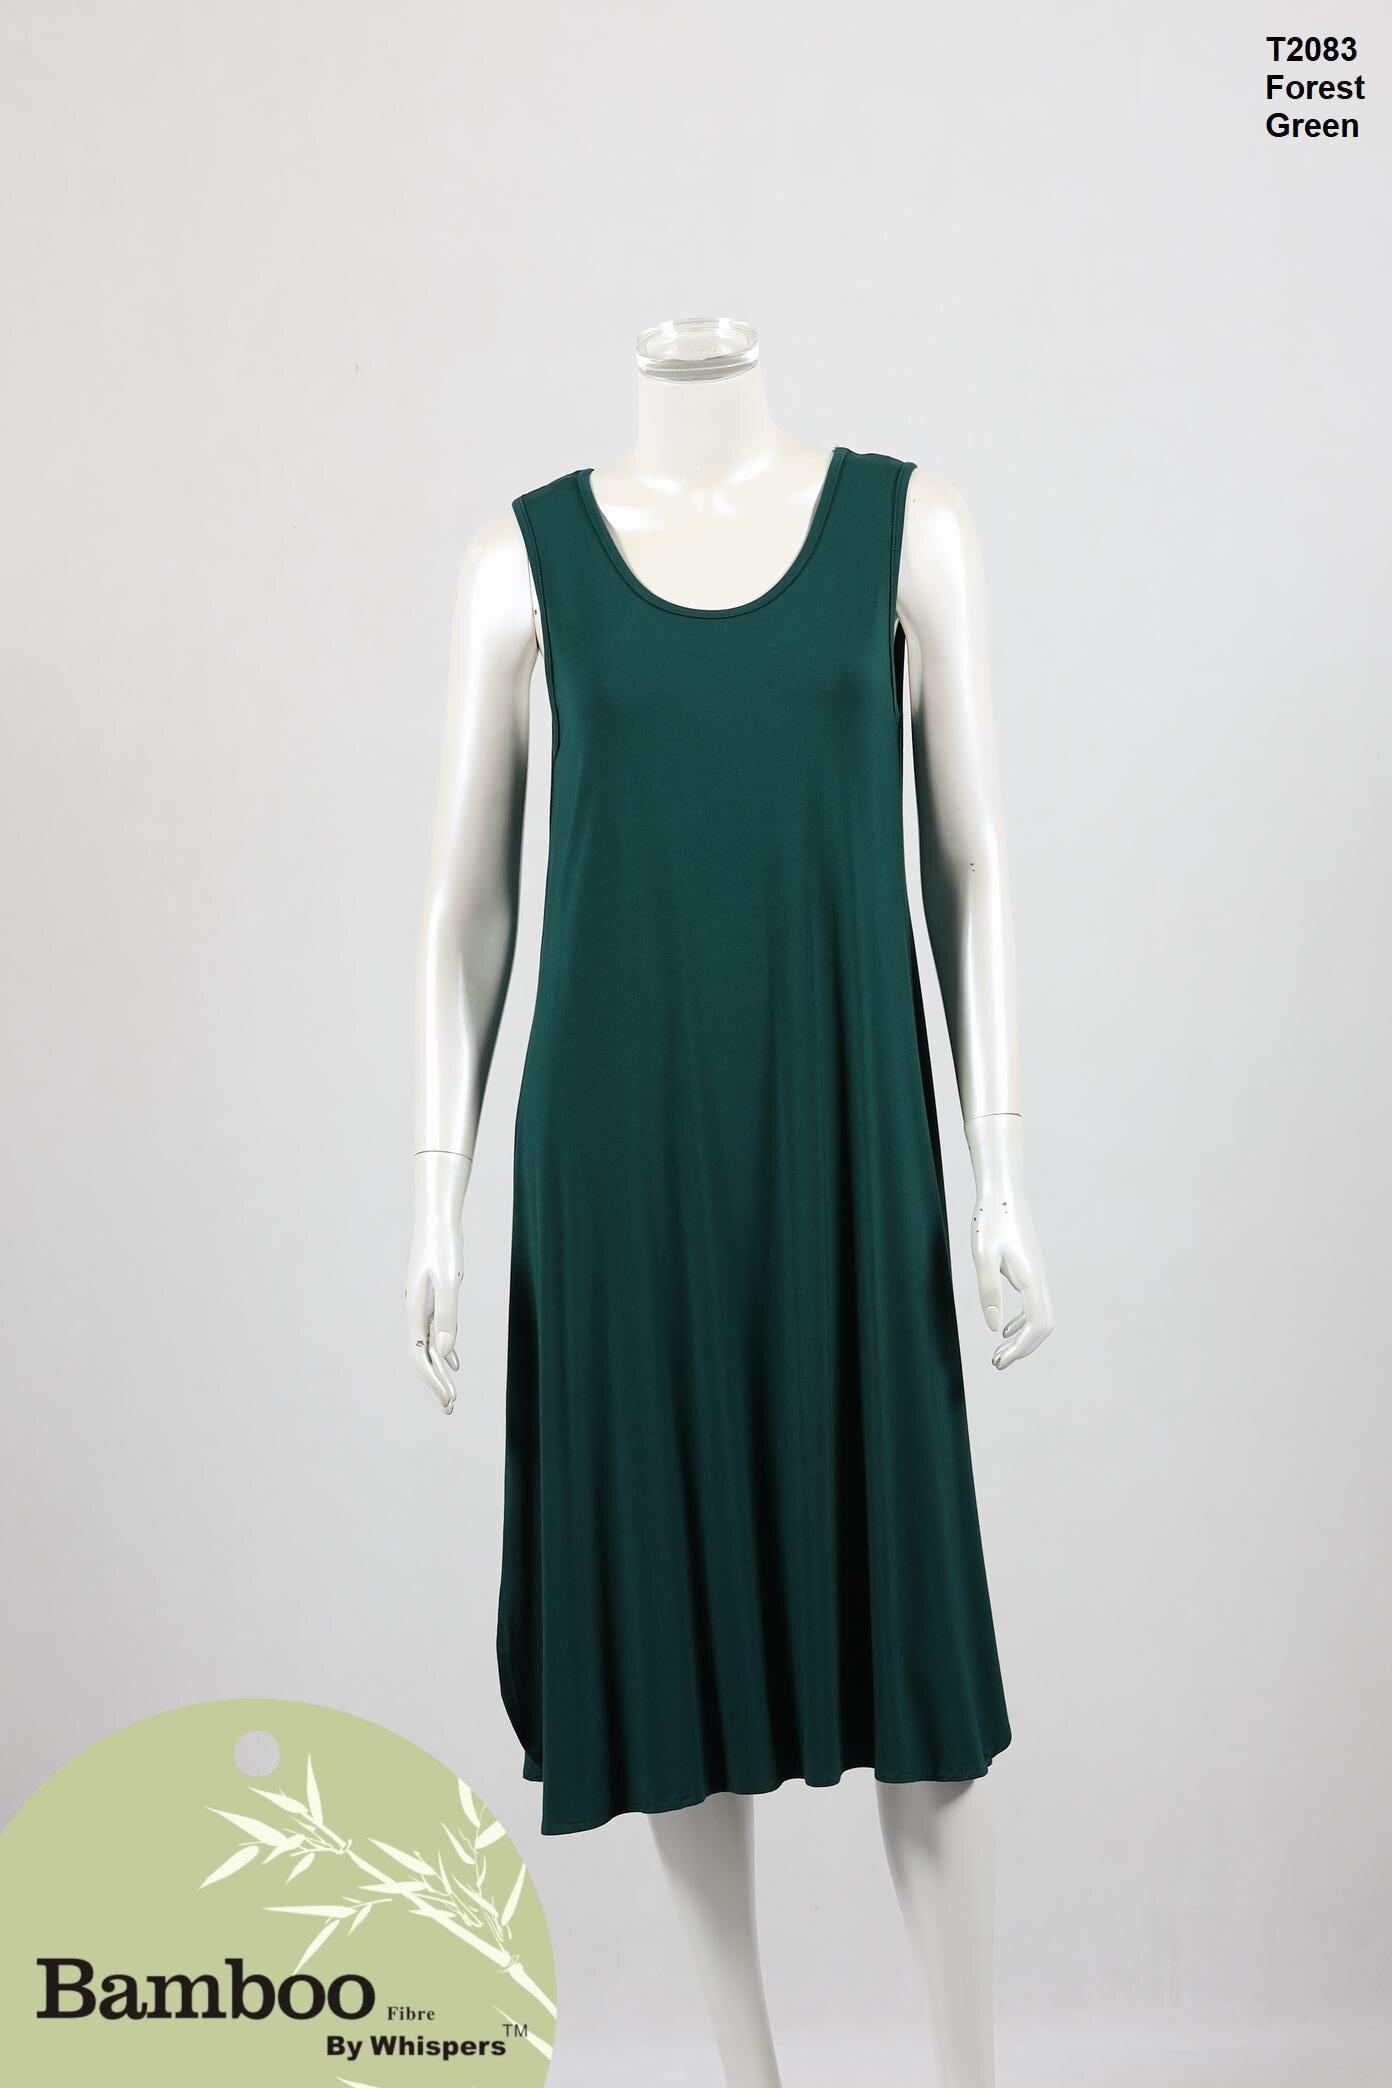 T2083-Bamboo Dress-Forest Green.JPG